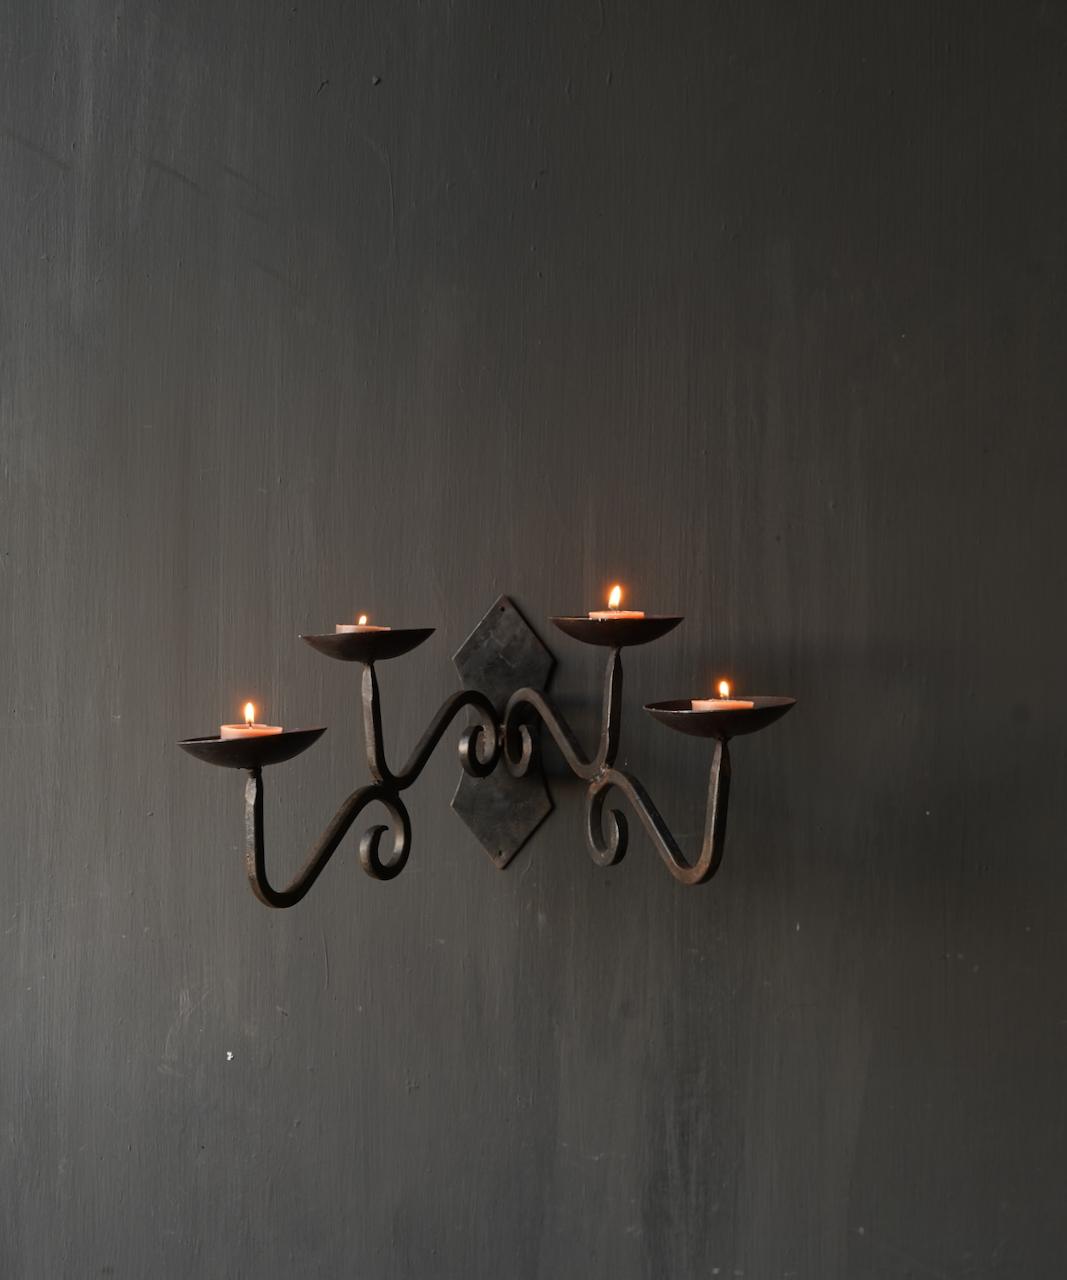 Eisen hängender Kerzenhalter-1